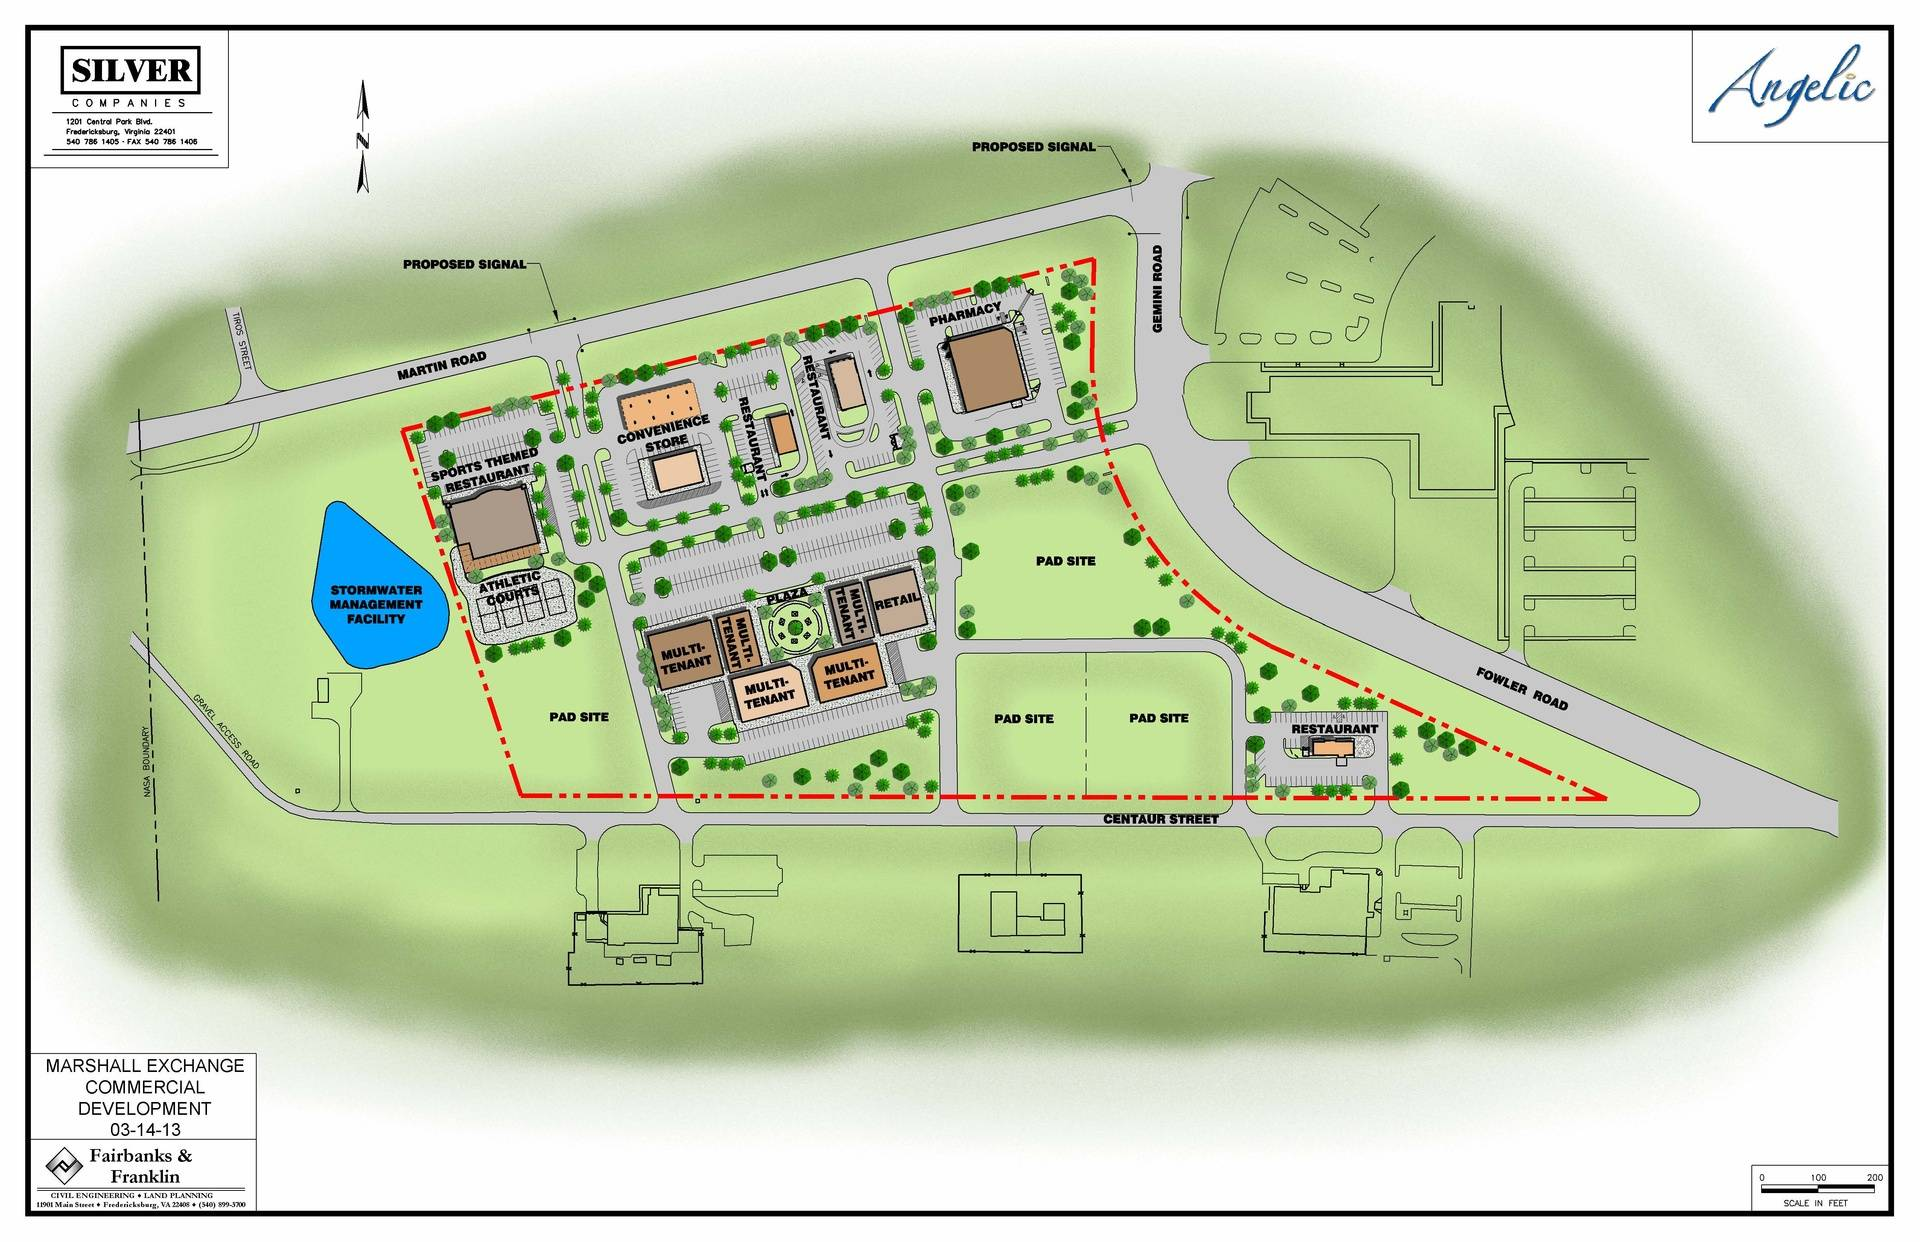 Concept Site Plan - March, 2013